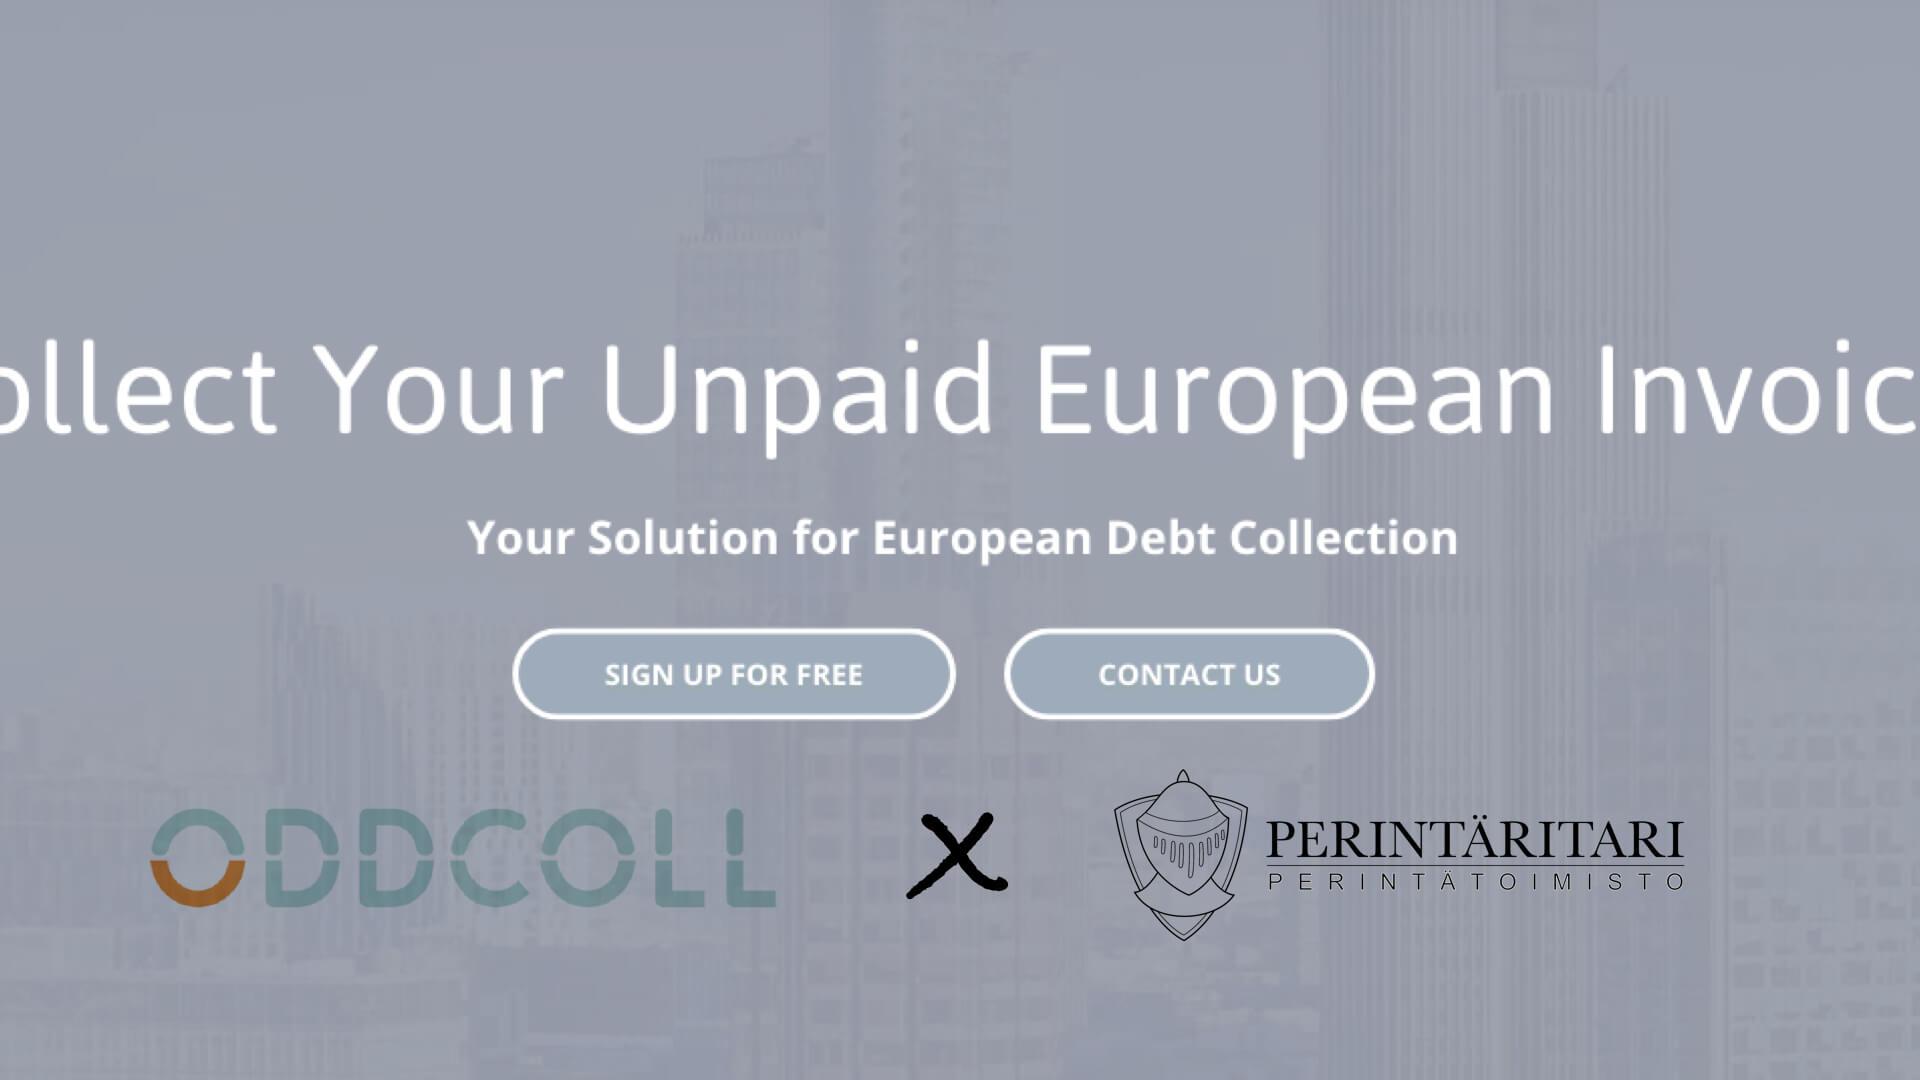 Perintäritari ja Oddcoll Euroopan laajuiseen yhteistyöhön